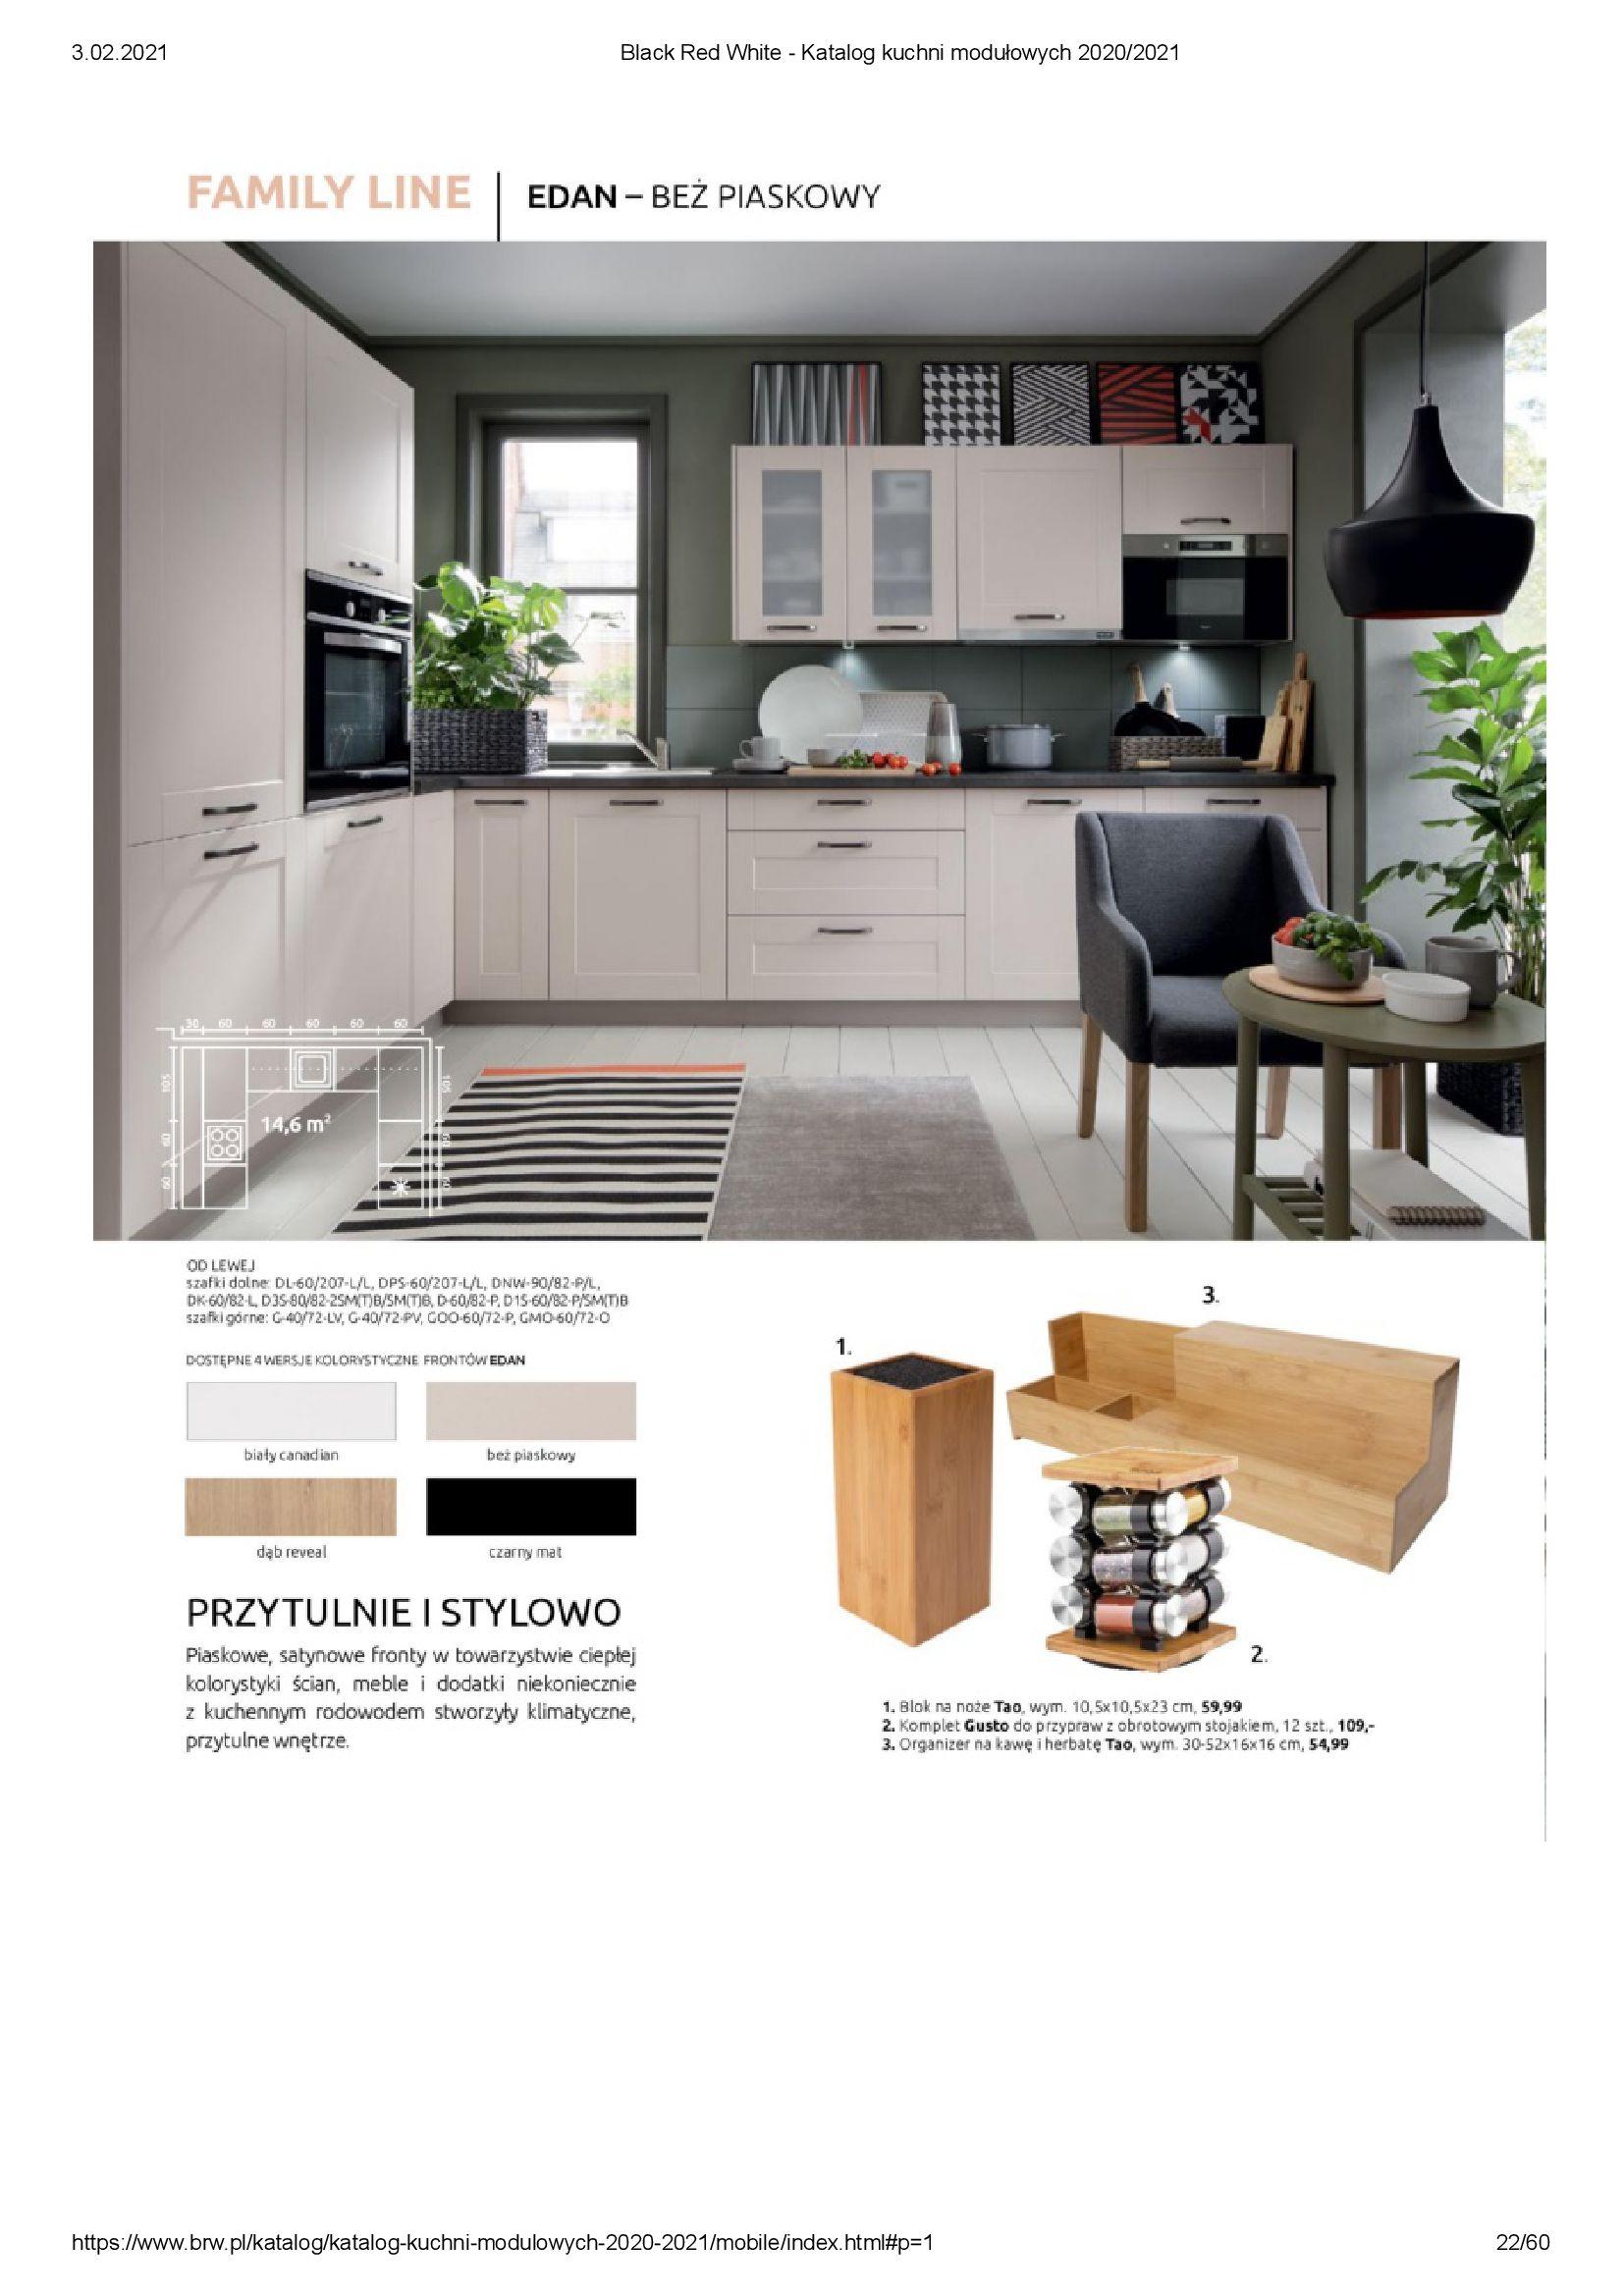 Gazetka Black Red White: Katalog - Kuchnie modułowe 2020/2021 2021-01-01 page-22